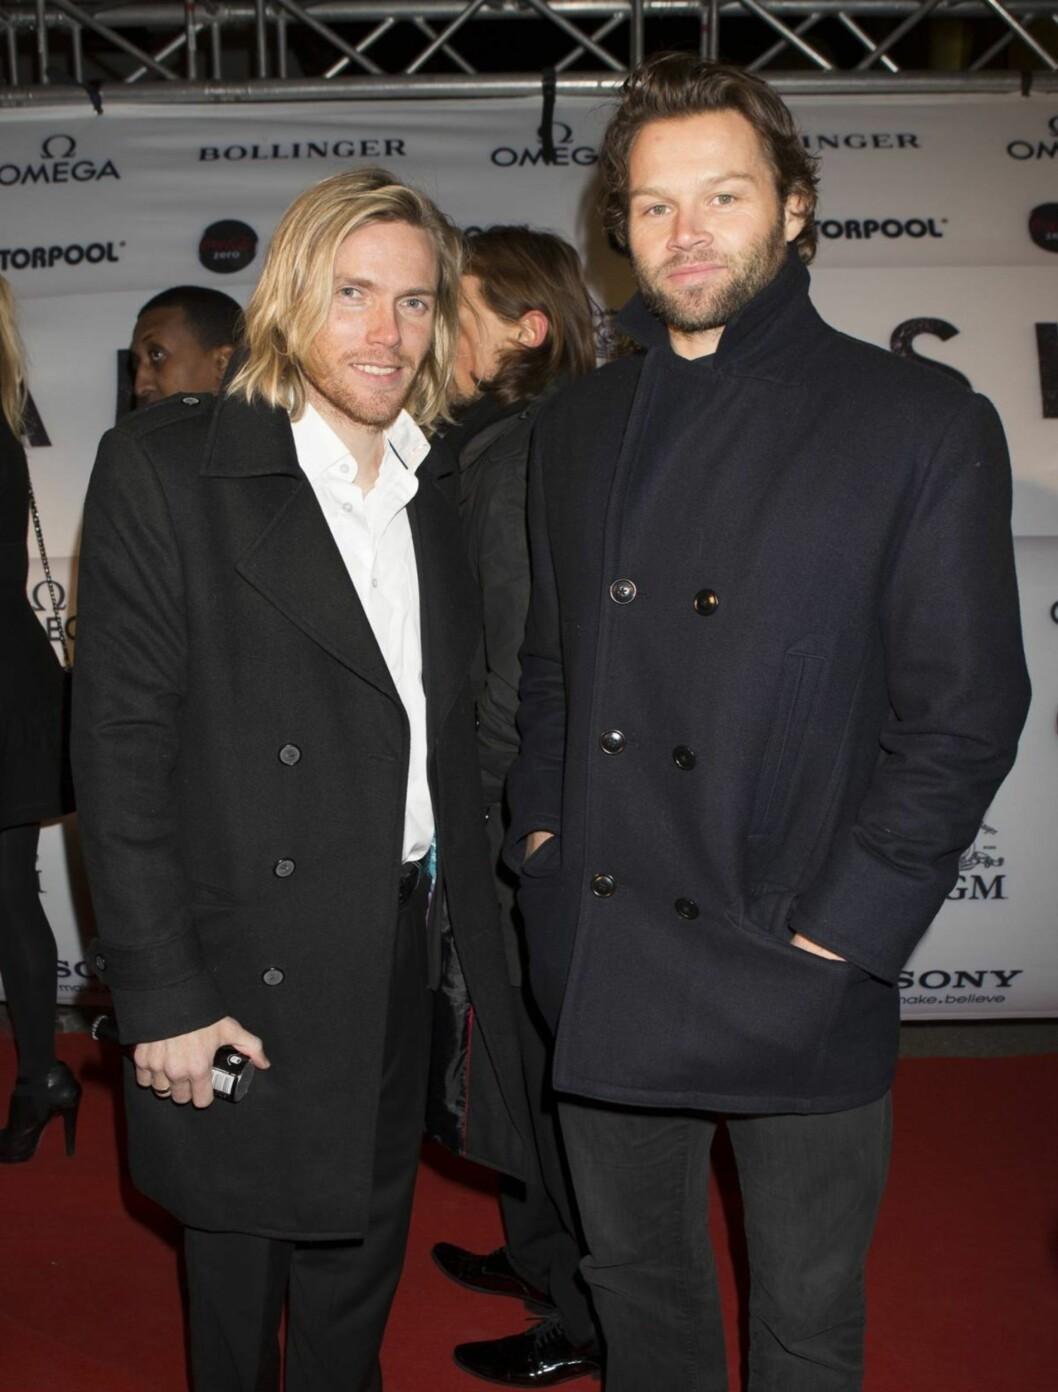 <strong>SPORTY:</strong> Volleyballspiller Iver Horrem og skihopper Bjørn Einar Romøren koste seg på Bond-premiere. Foto: Espen Solli / Se og Hør